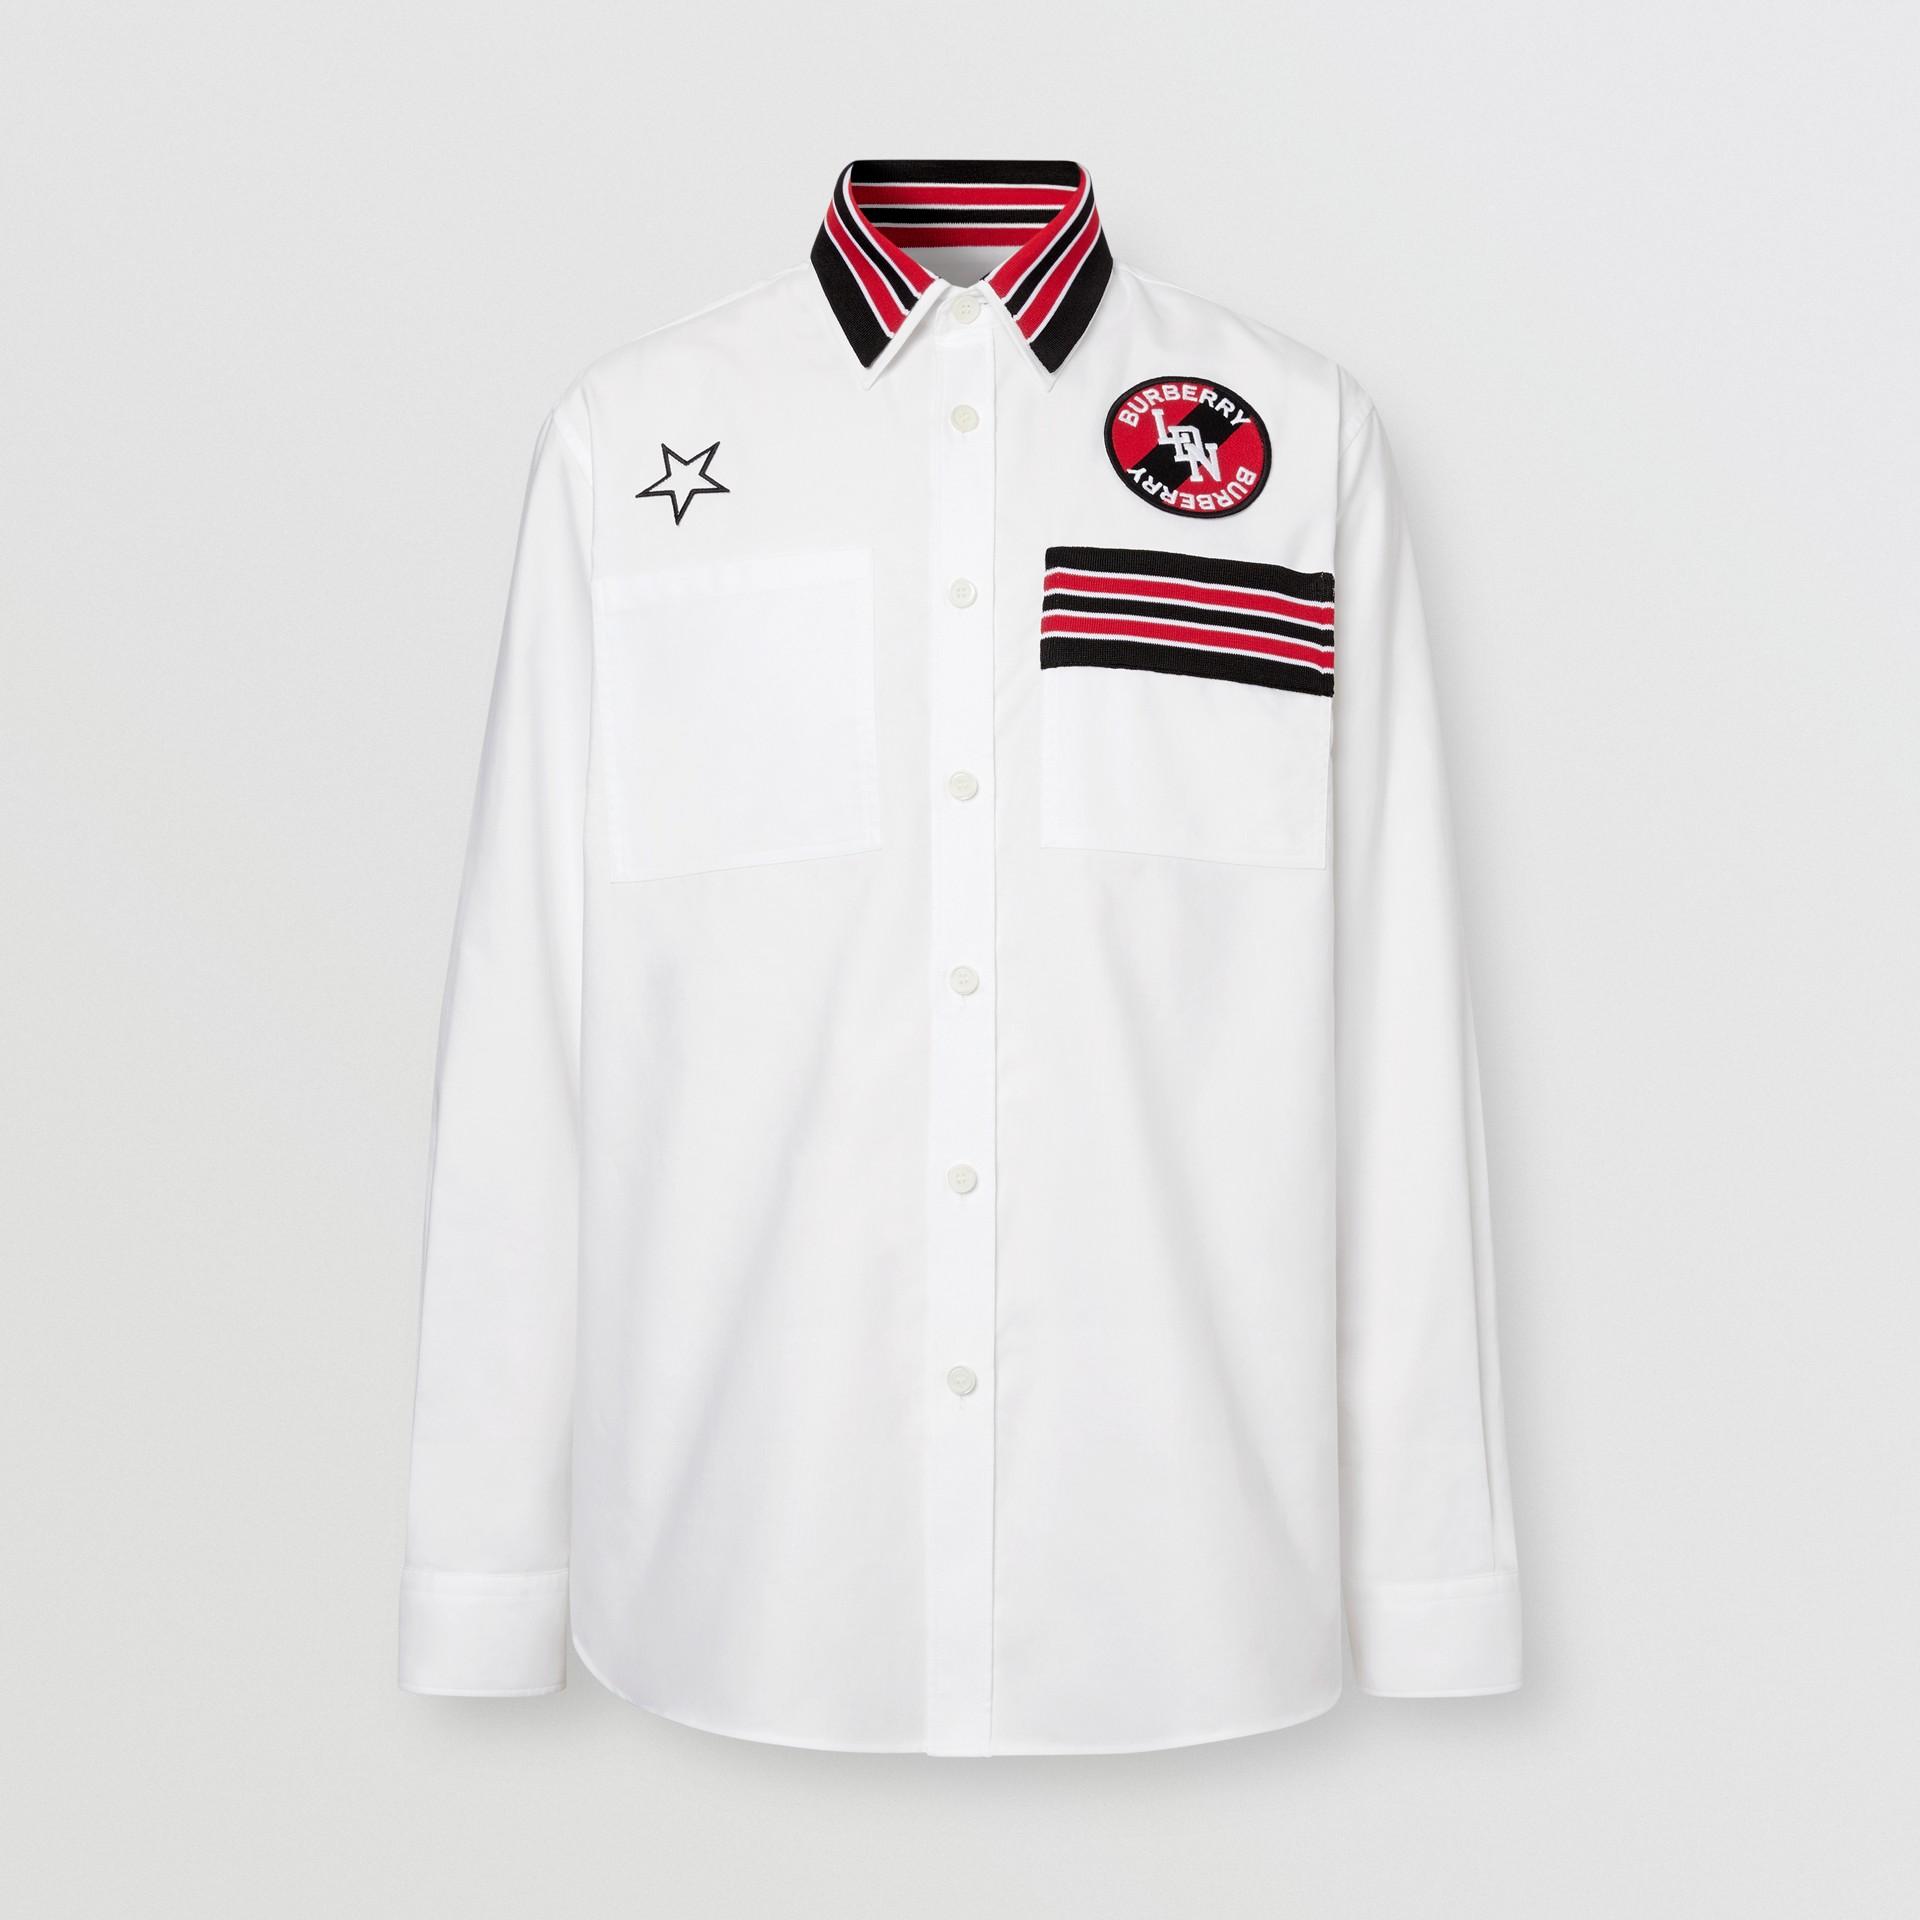 Camicia Oxford oversize in cotone con logo (Bianco) - Uomo | Burberry - immagine della galleria 3